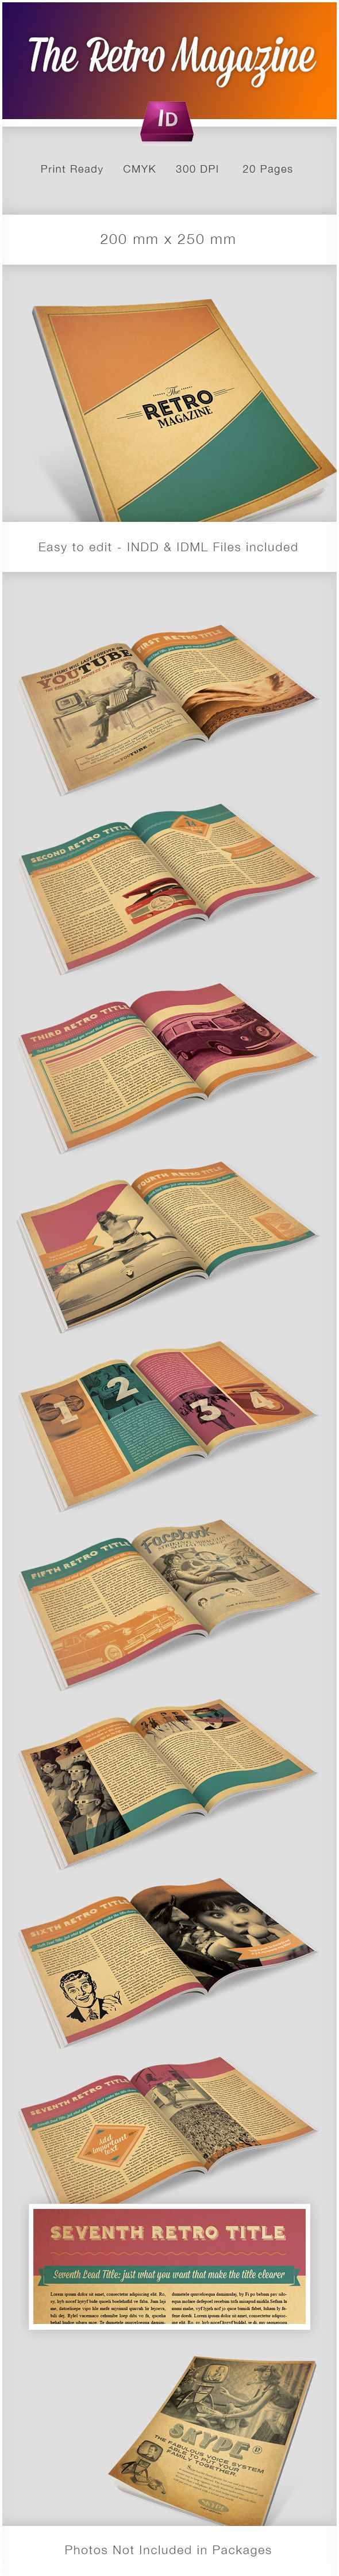 The Retro Magazine by Lucas Iacono, via Behance